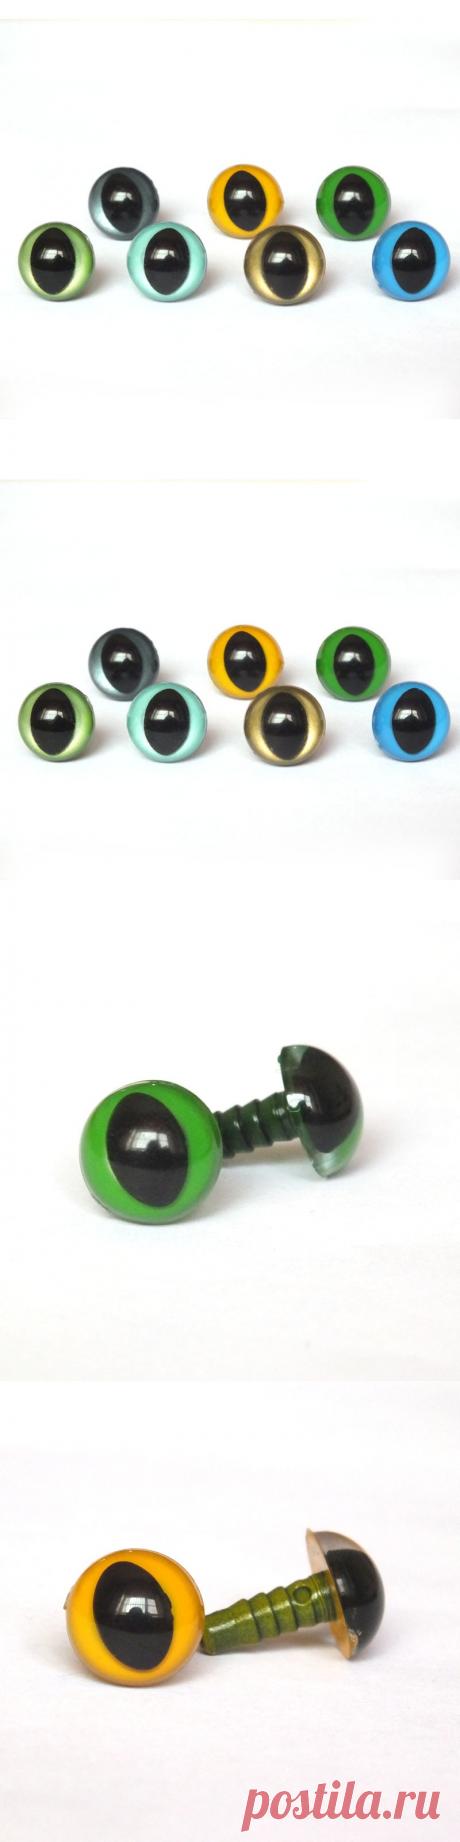 12 мм защитные глаза/Пластиковые кошачьи куклы глазки с шайбой аксессуары ручной работы для медвежьей куклы для изготовления кукол животных Куклы    АлиЭкспресс